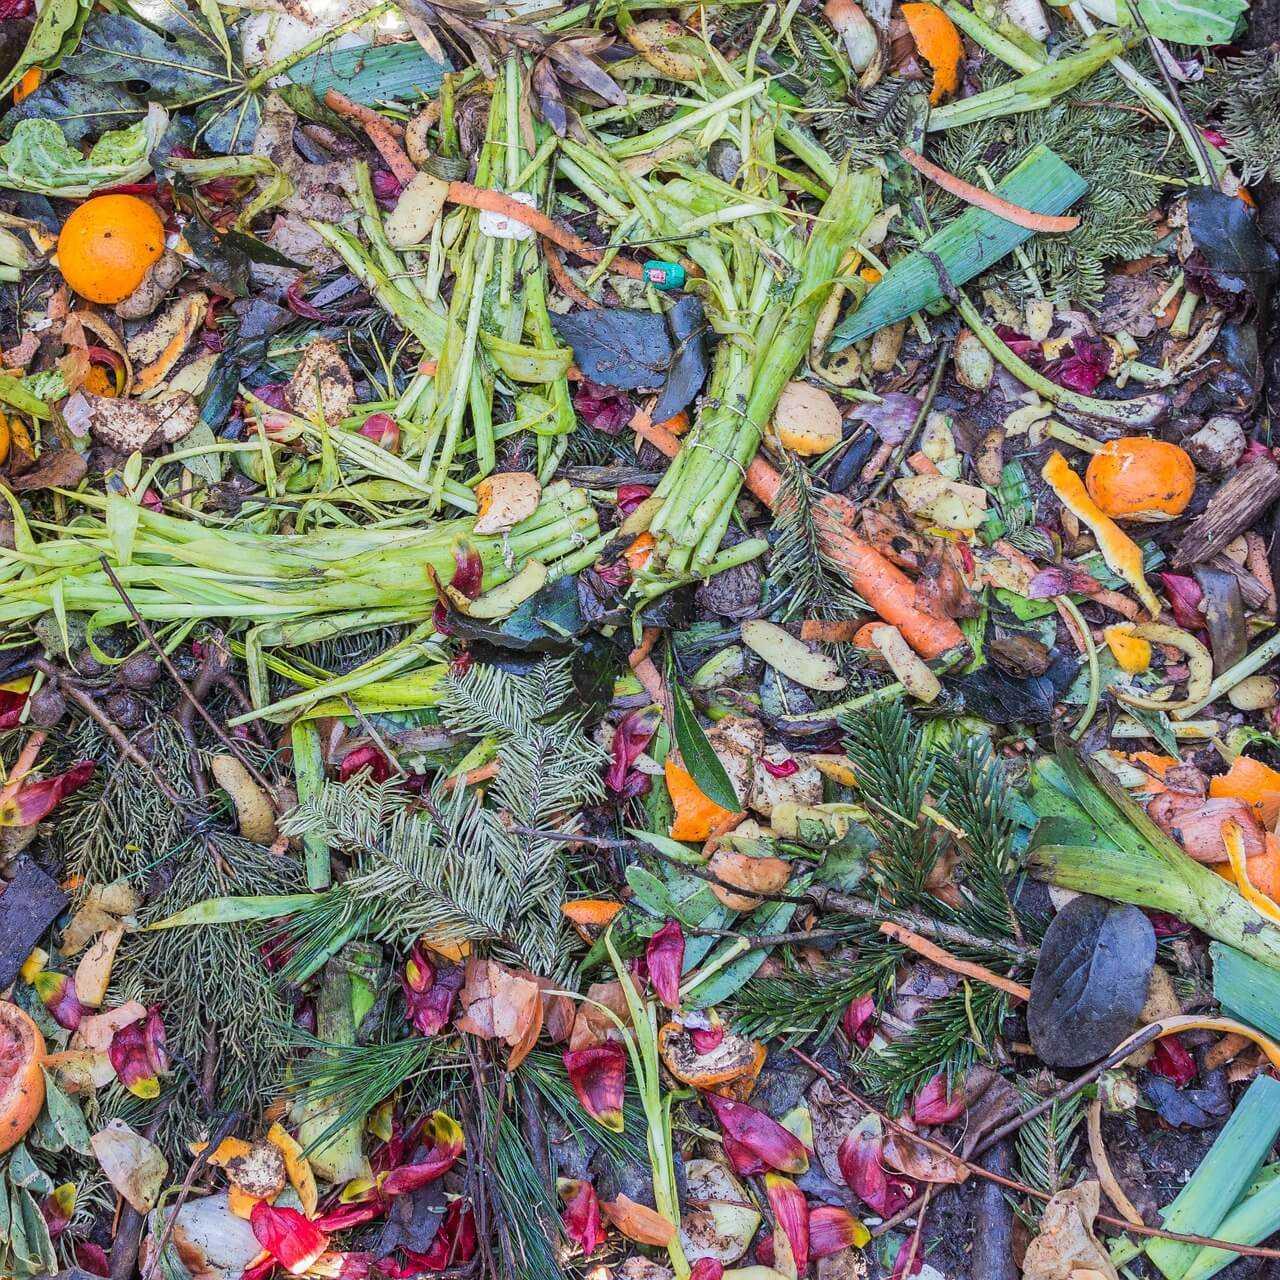 kompostowanie odpadow